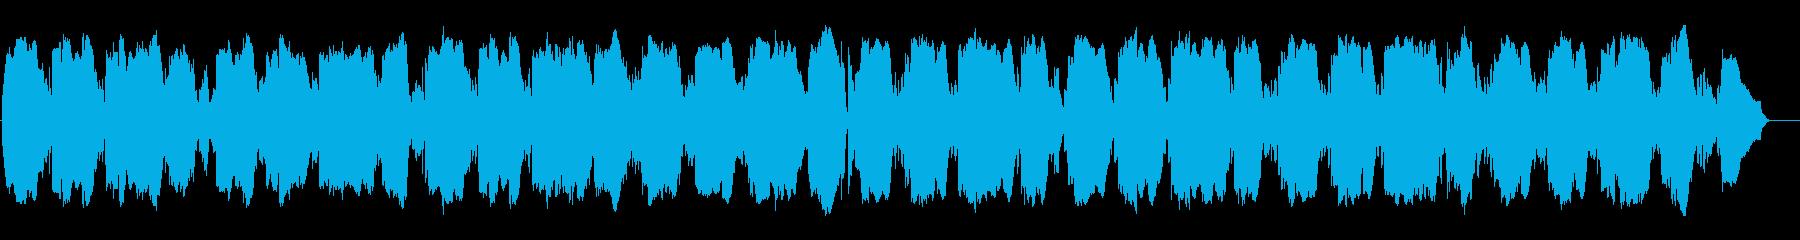 アマポーラ(Amapola)(クラリネッの再生済みの波形